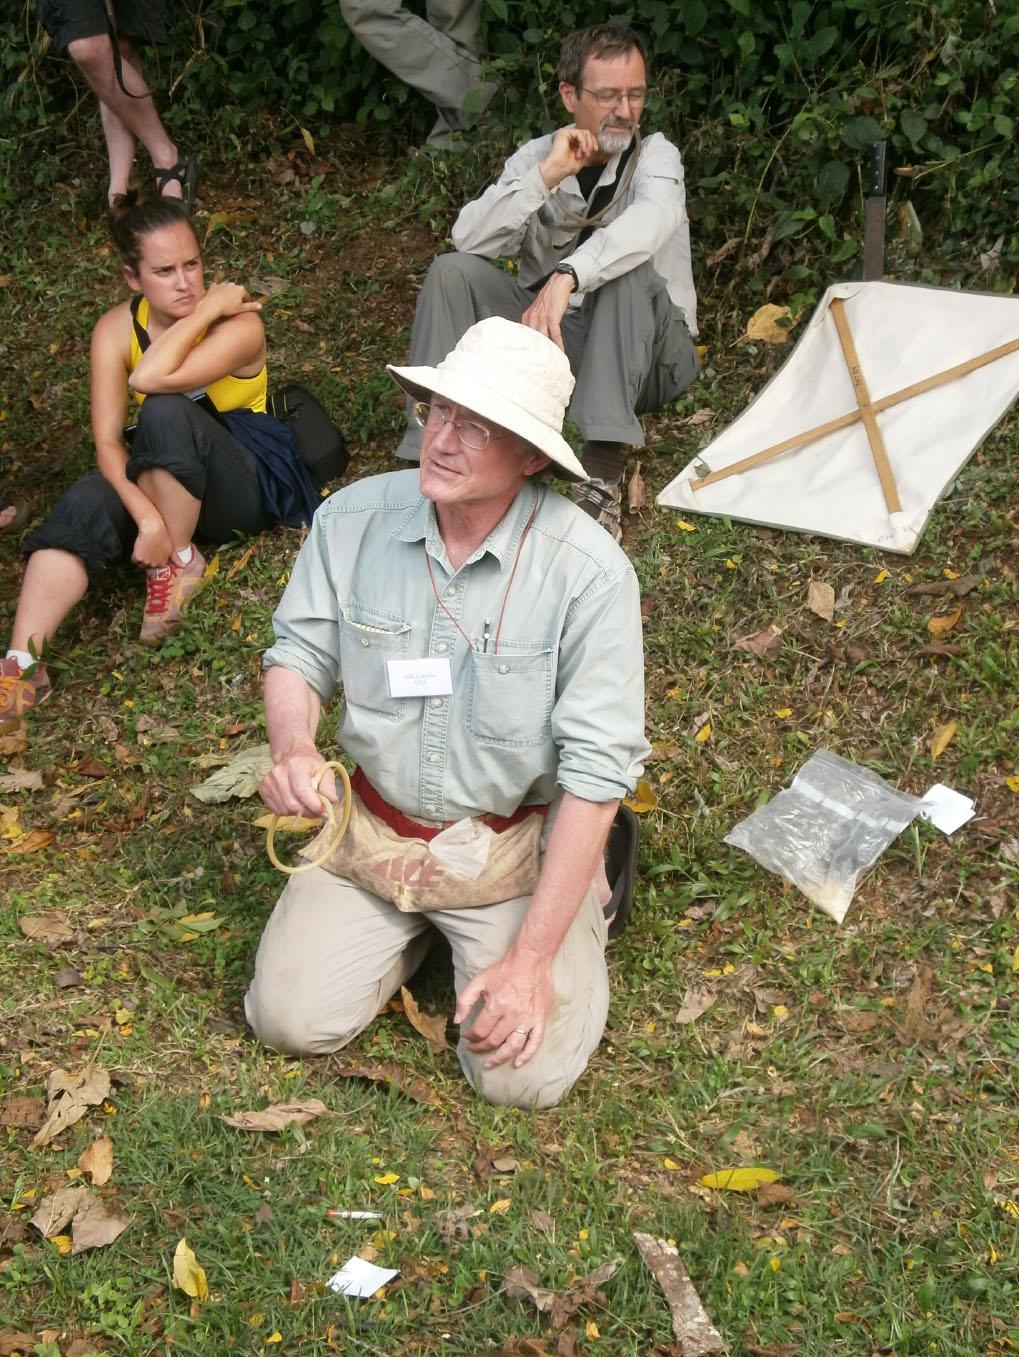 Jack Longino (University of Utah) mentre fa alcune dimostrazioni su varie tecniche per raccogliere le formiche  (Foto: I.Toni).